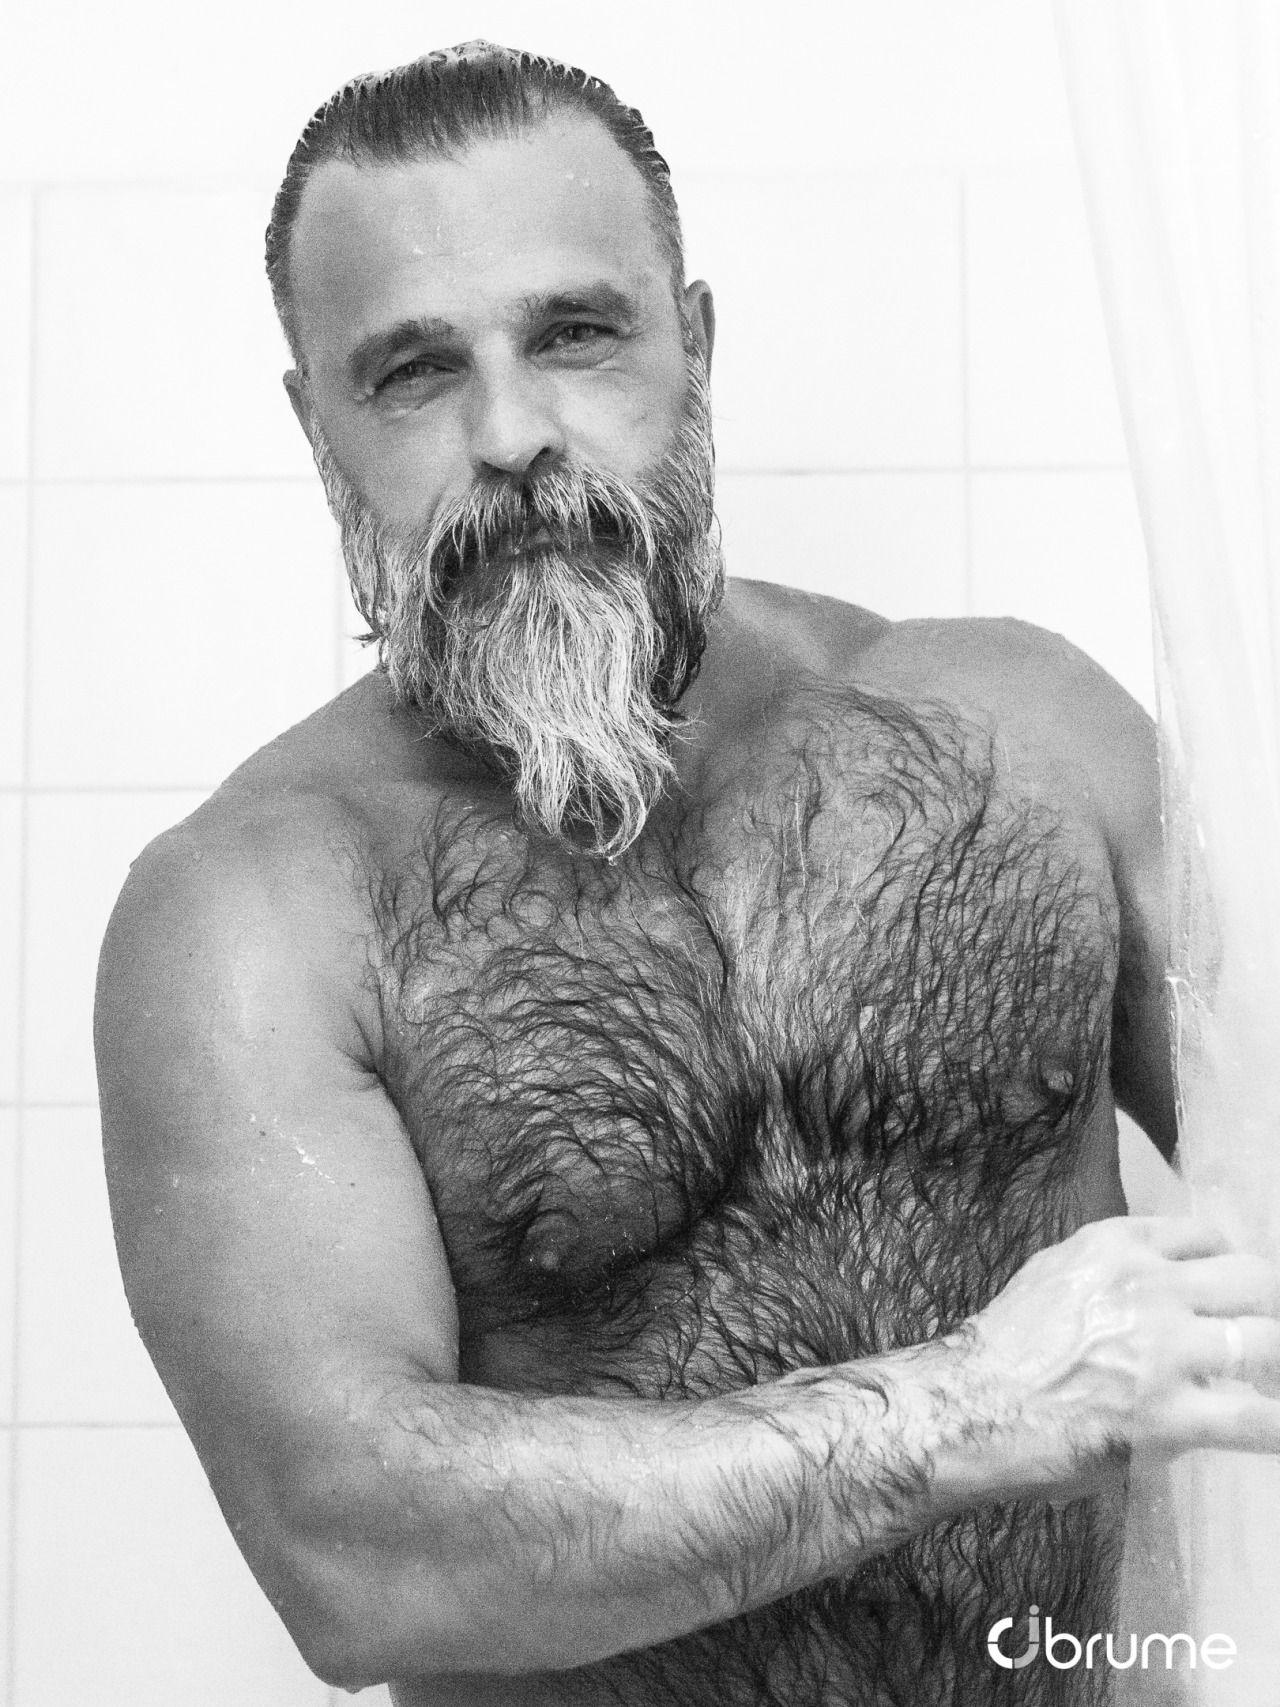 hairy-bears-in-shower